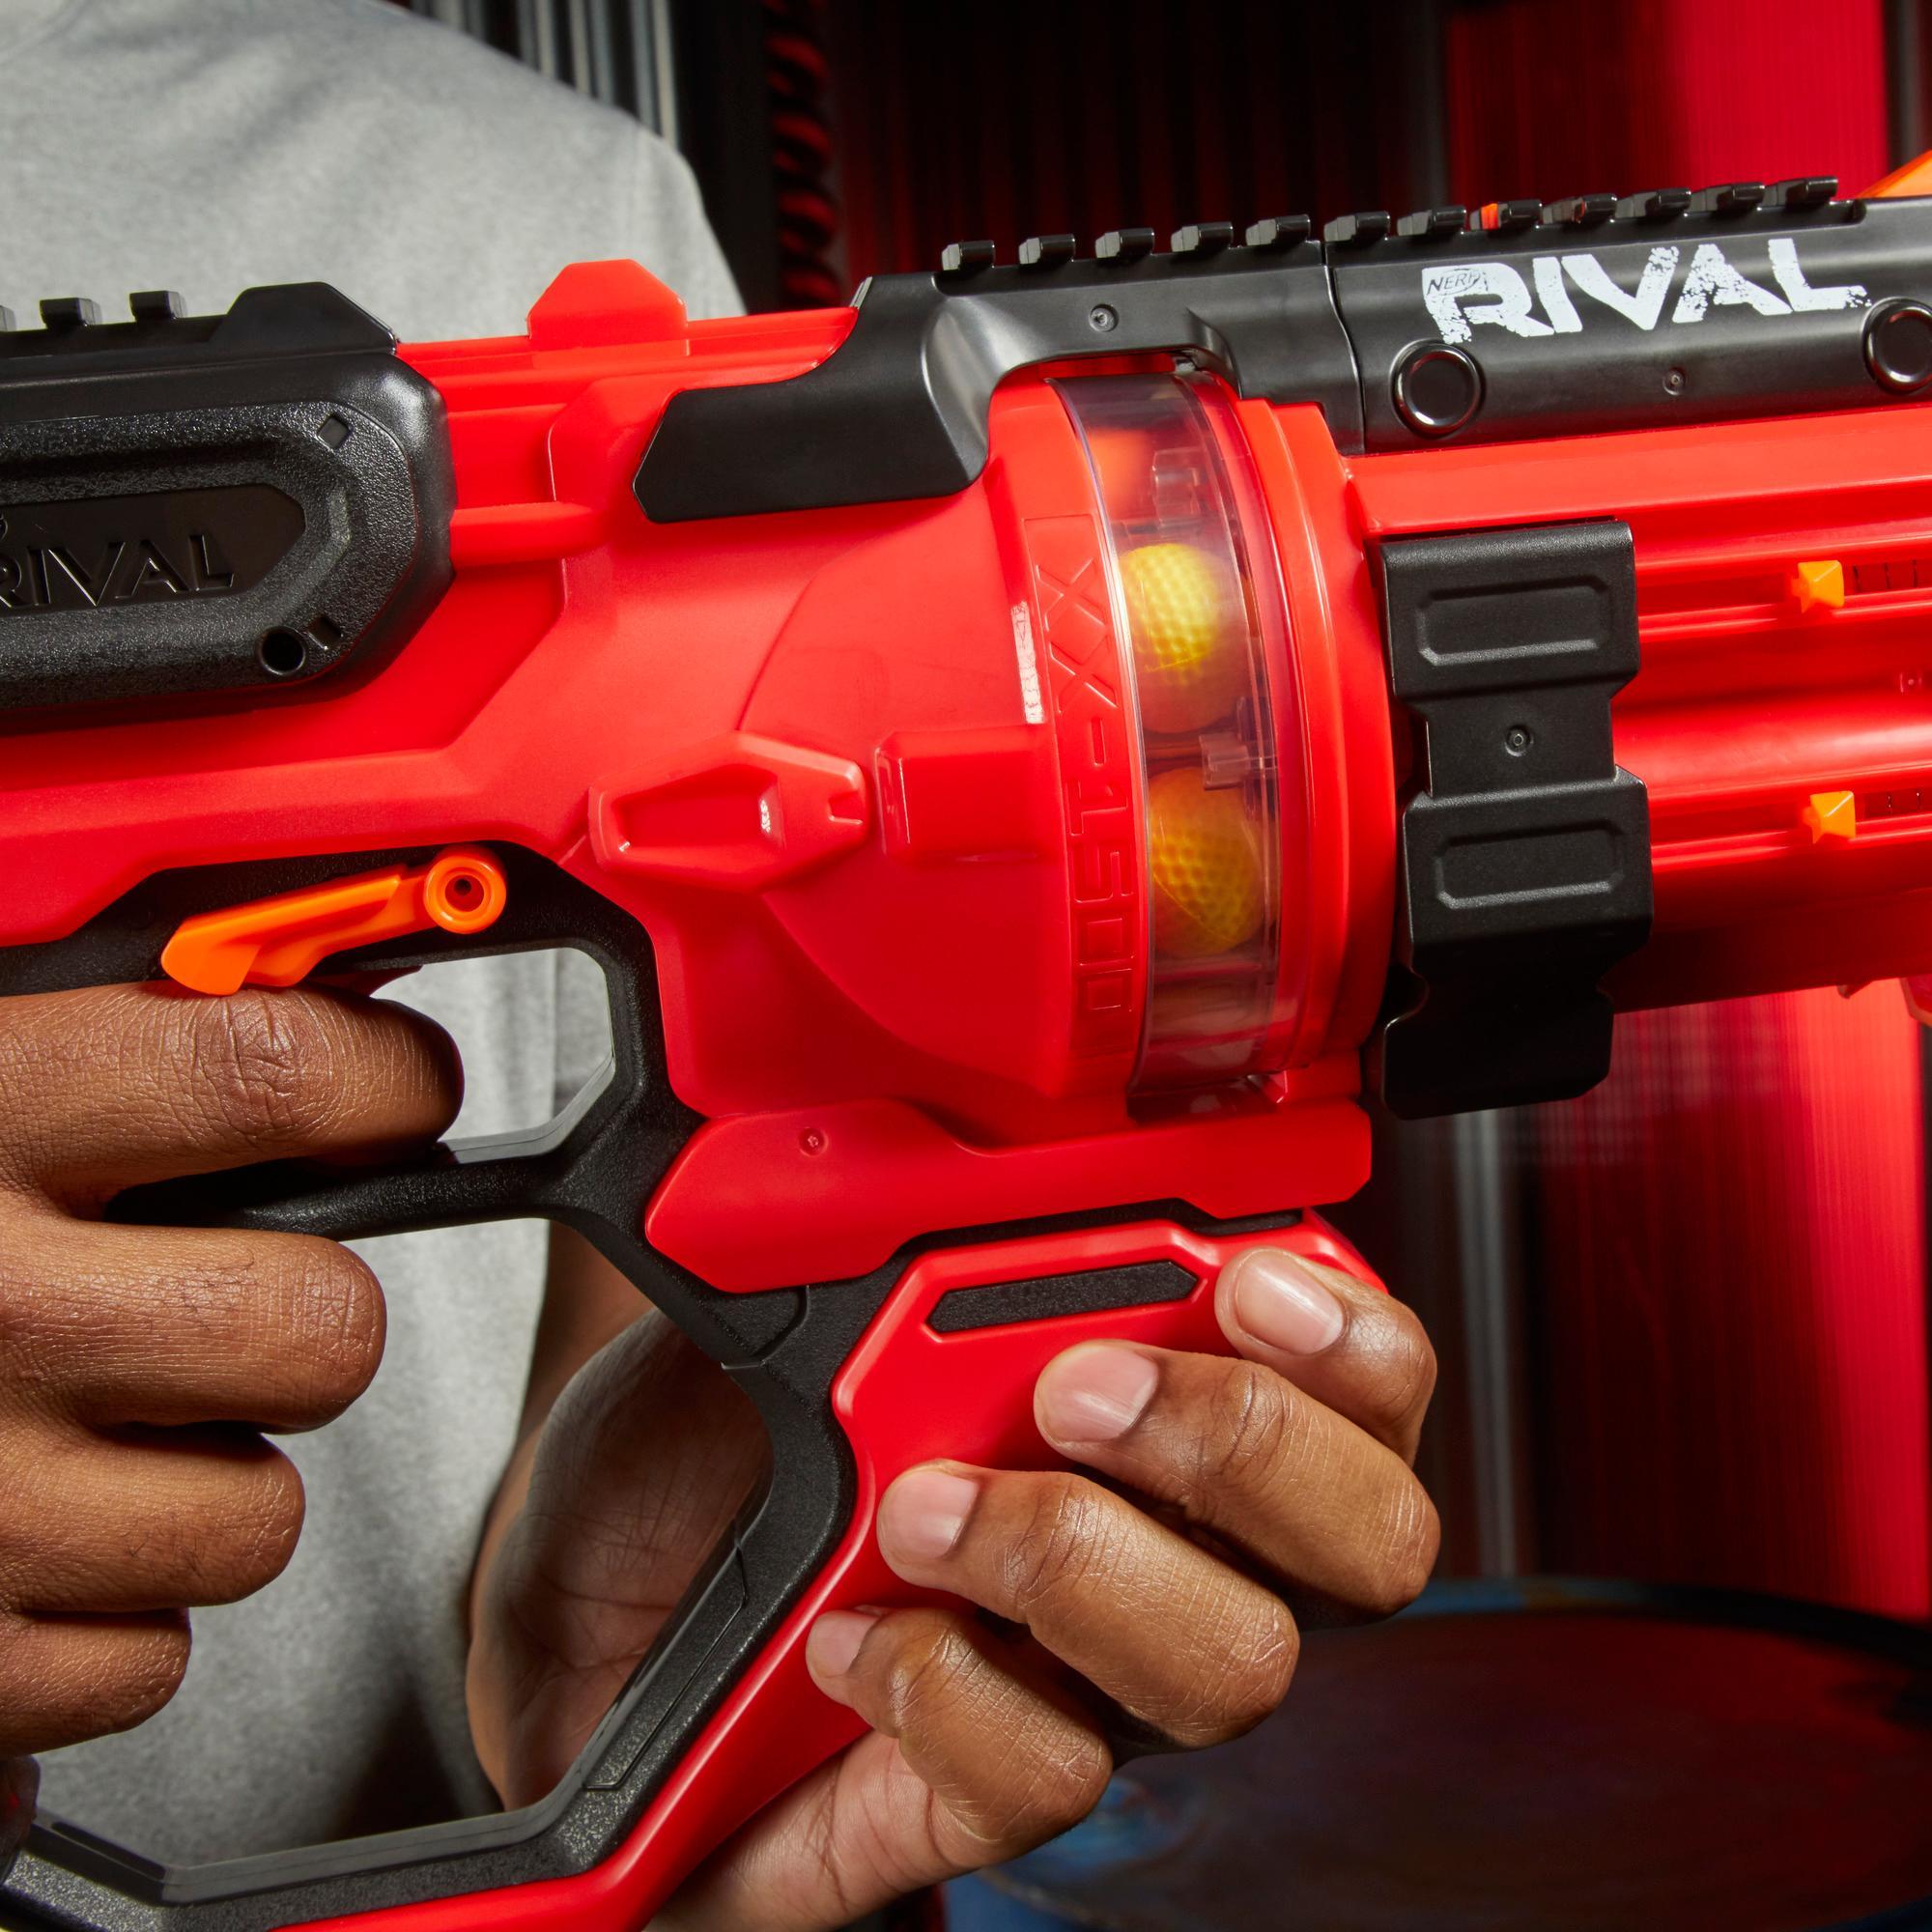 Nerf Rival - Blaster rouge Roundhouse XX-1500, chambre rotative transparente, 5 chargeurs intégrés, 15 billes en mousse Nerf Rival